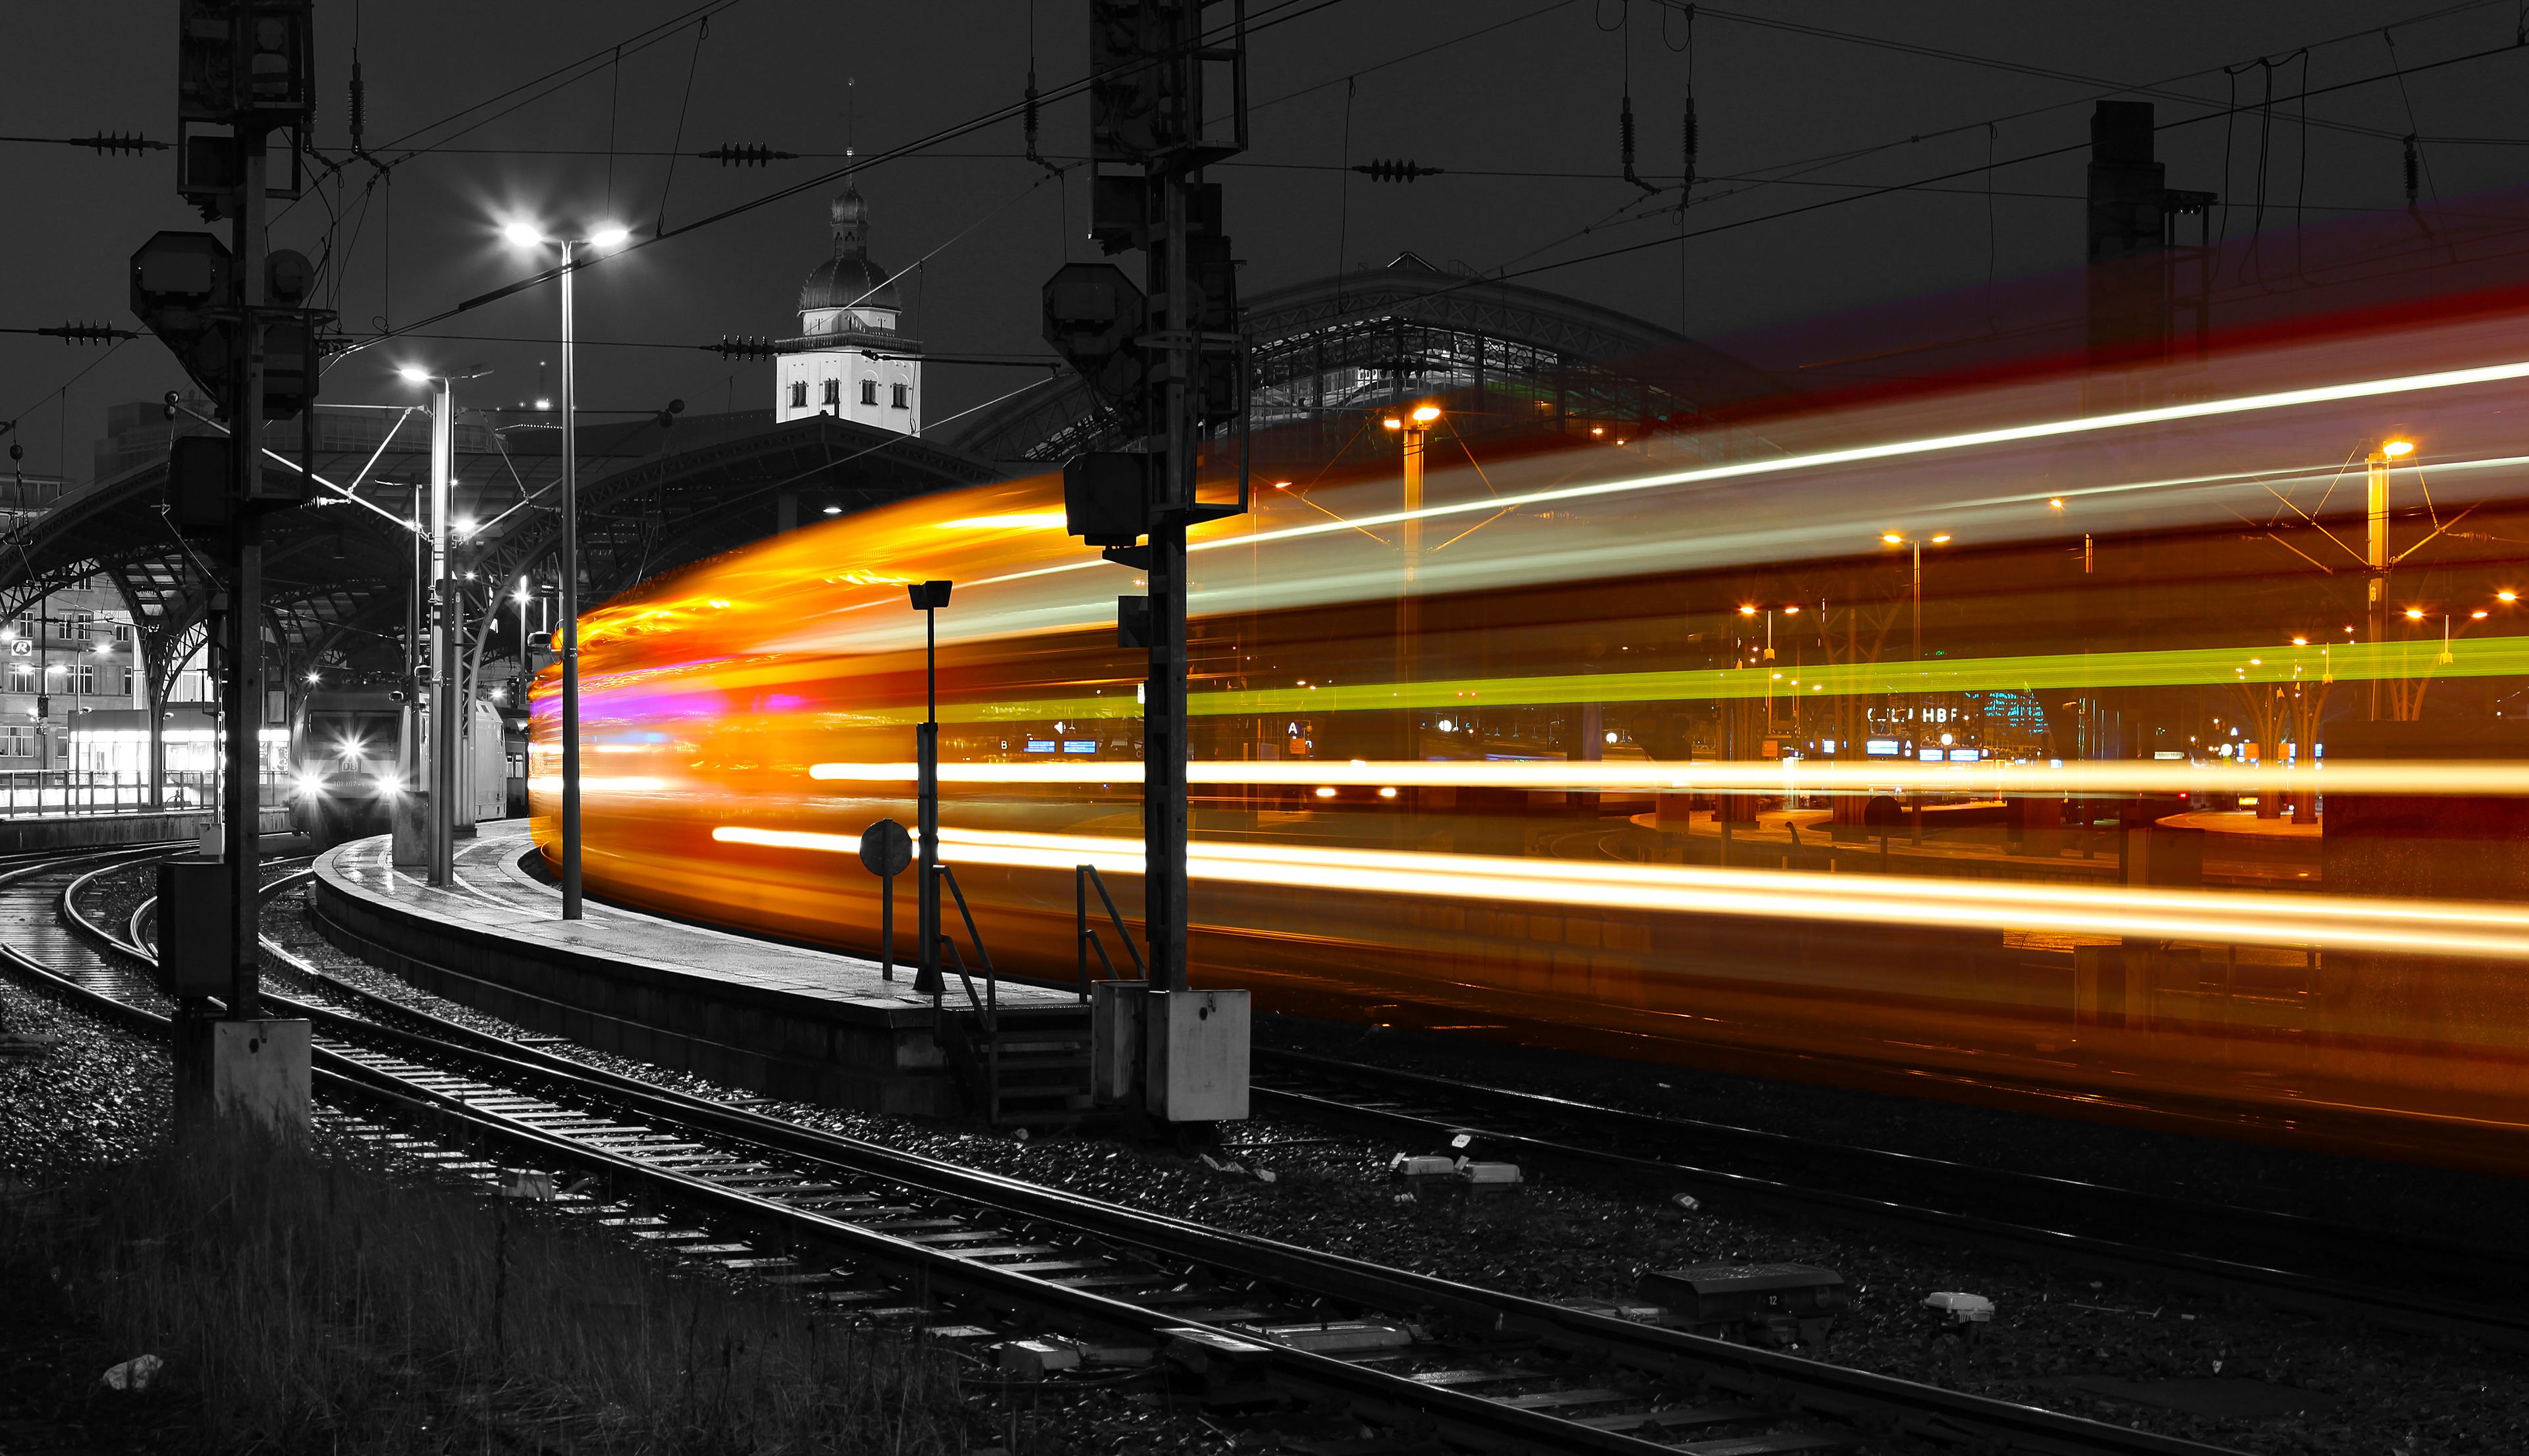 long exposure train 1574938568 - Long Exposure Train -